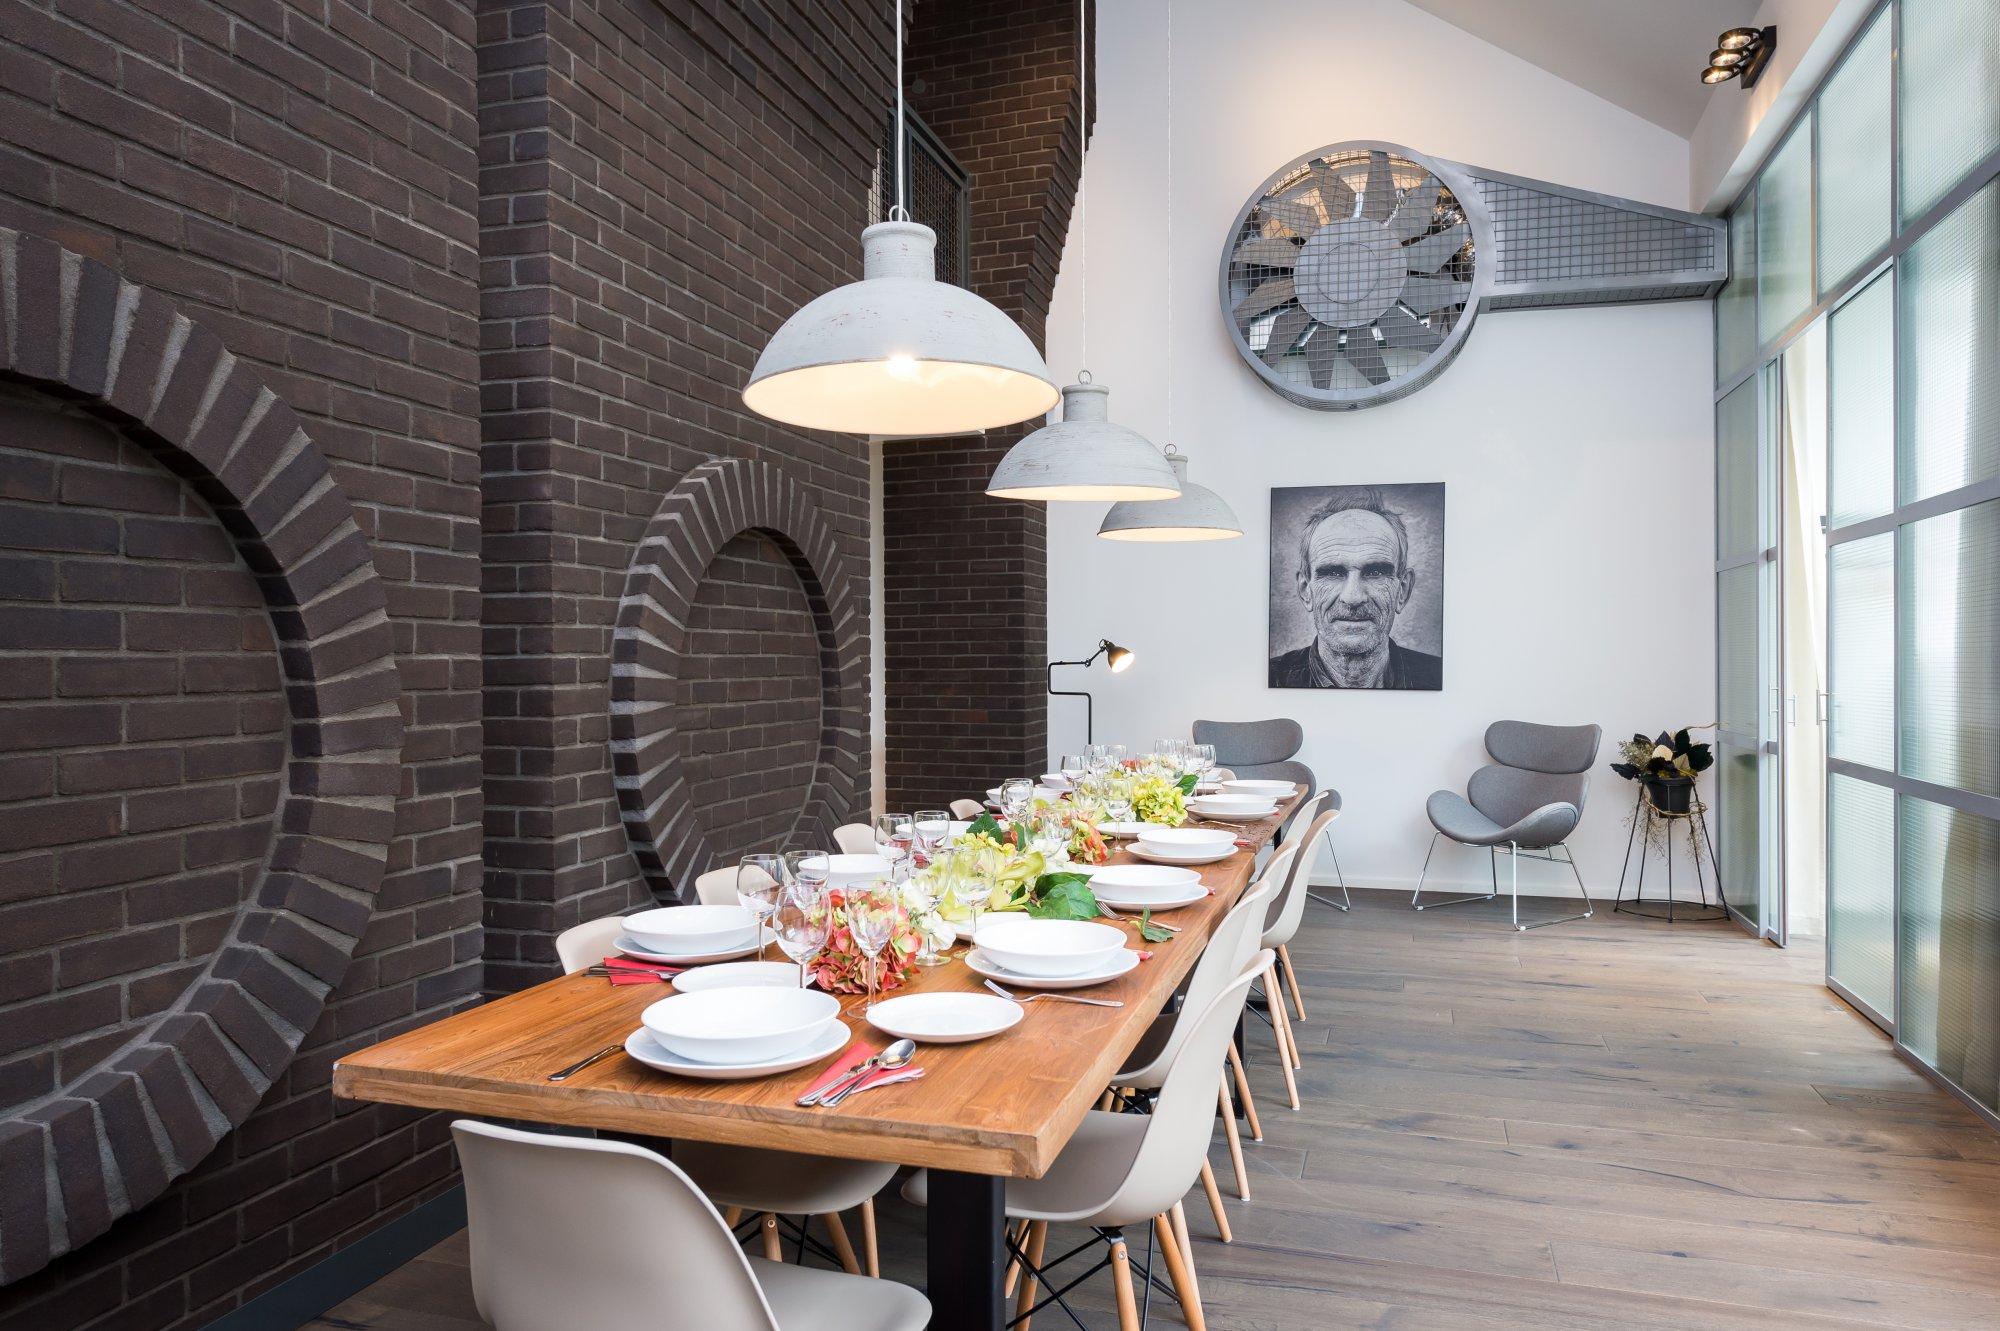 Půdní byt 5+kk, plocha 194 m², ulice Dlážděná, Praha 1 - Nové Město | 3